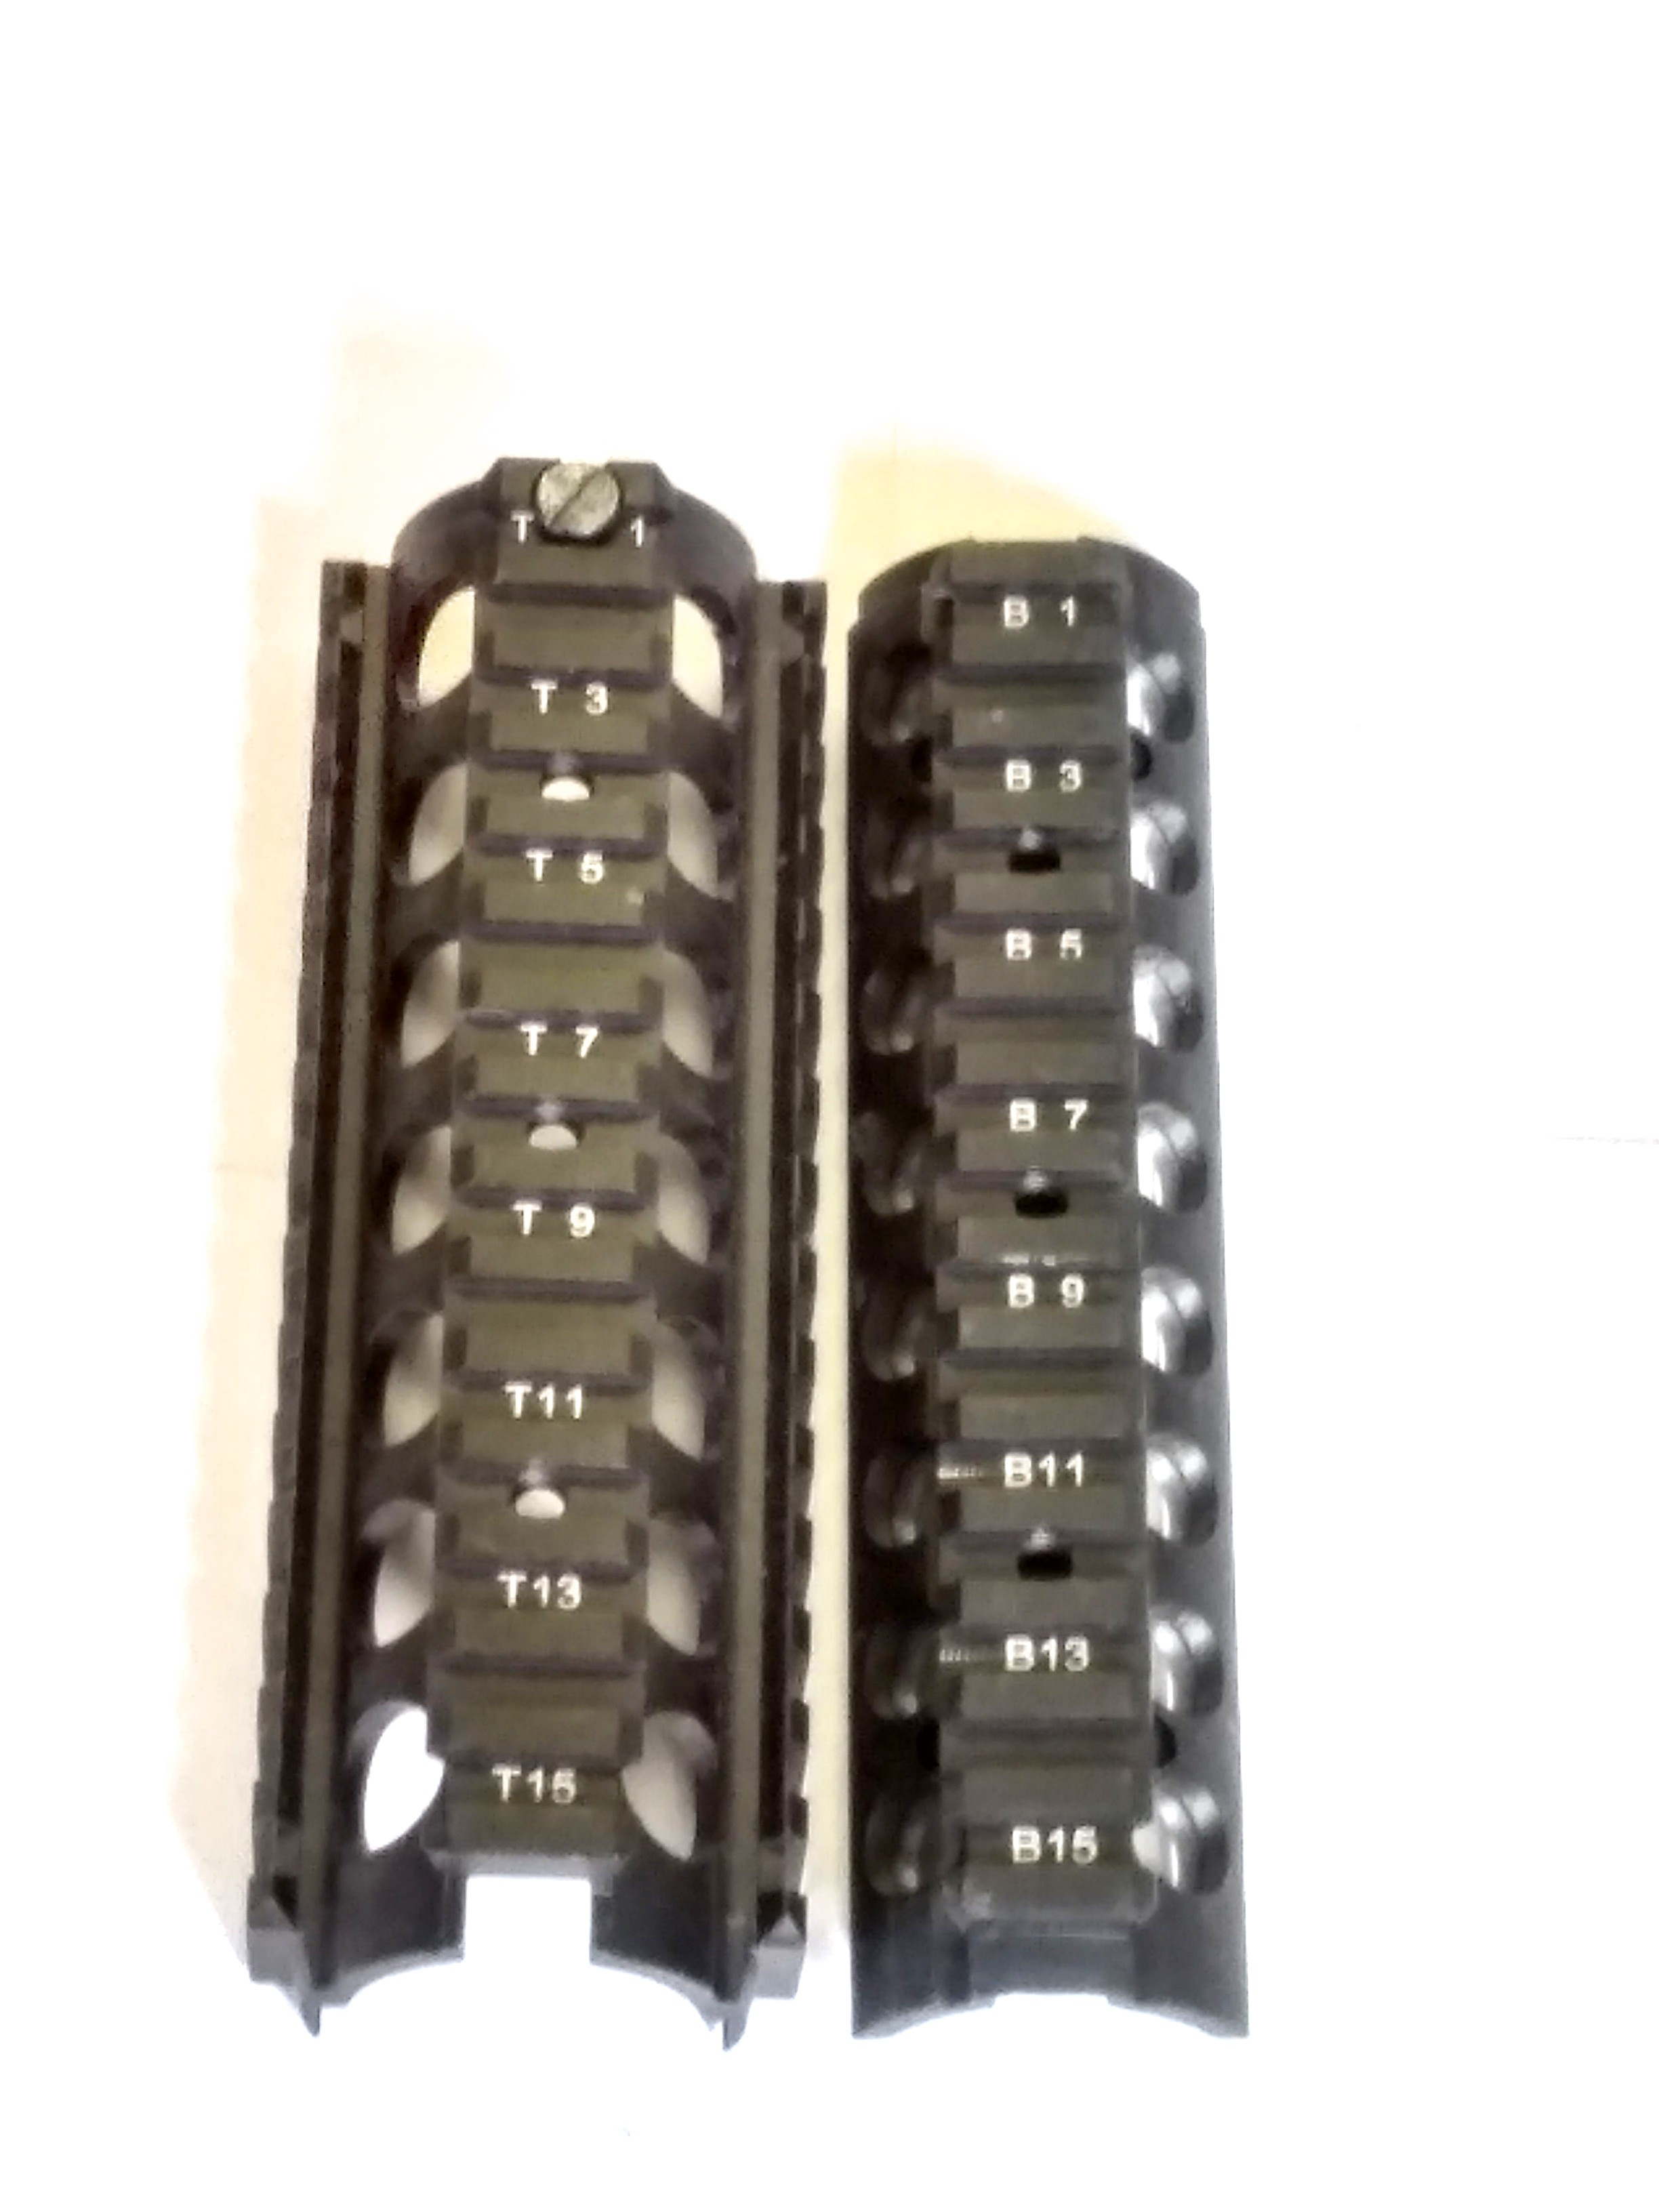 M4/M16 METAL RIS HAND GUARD